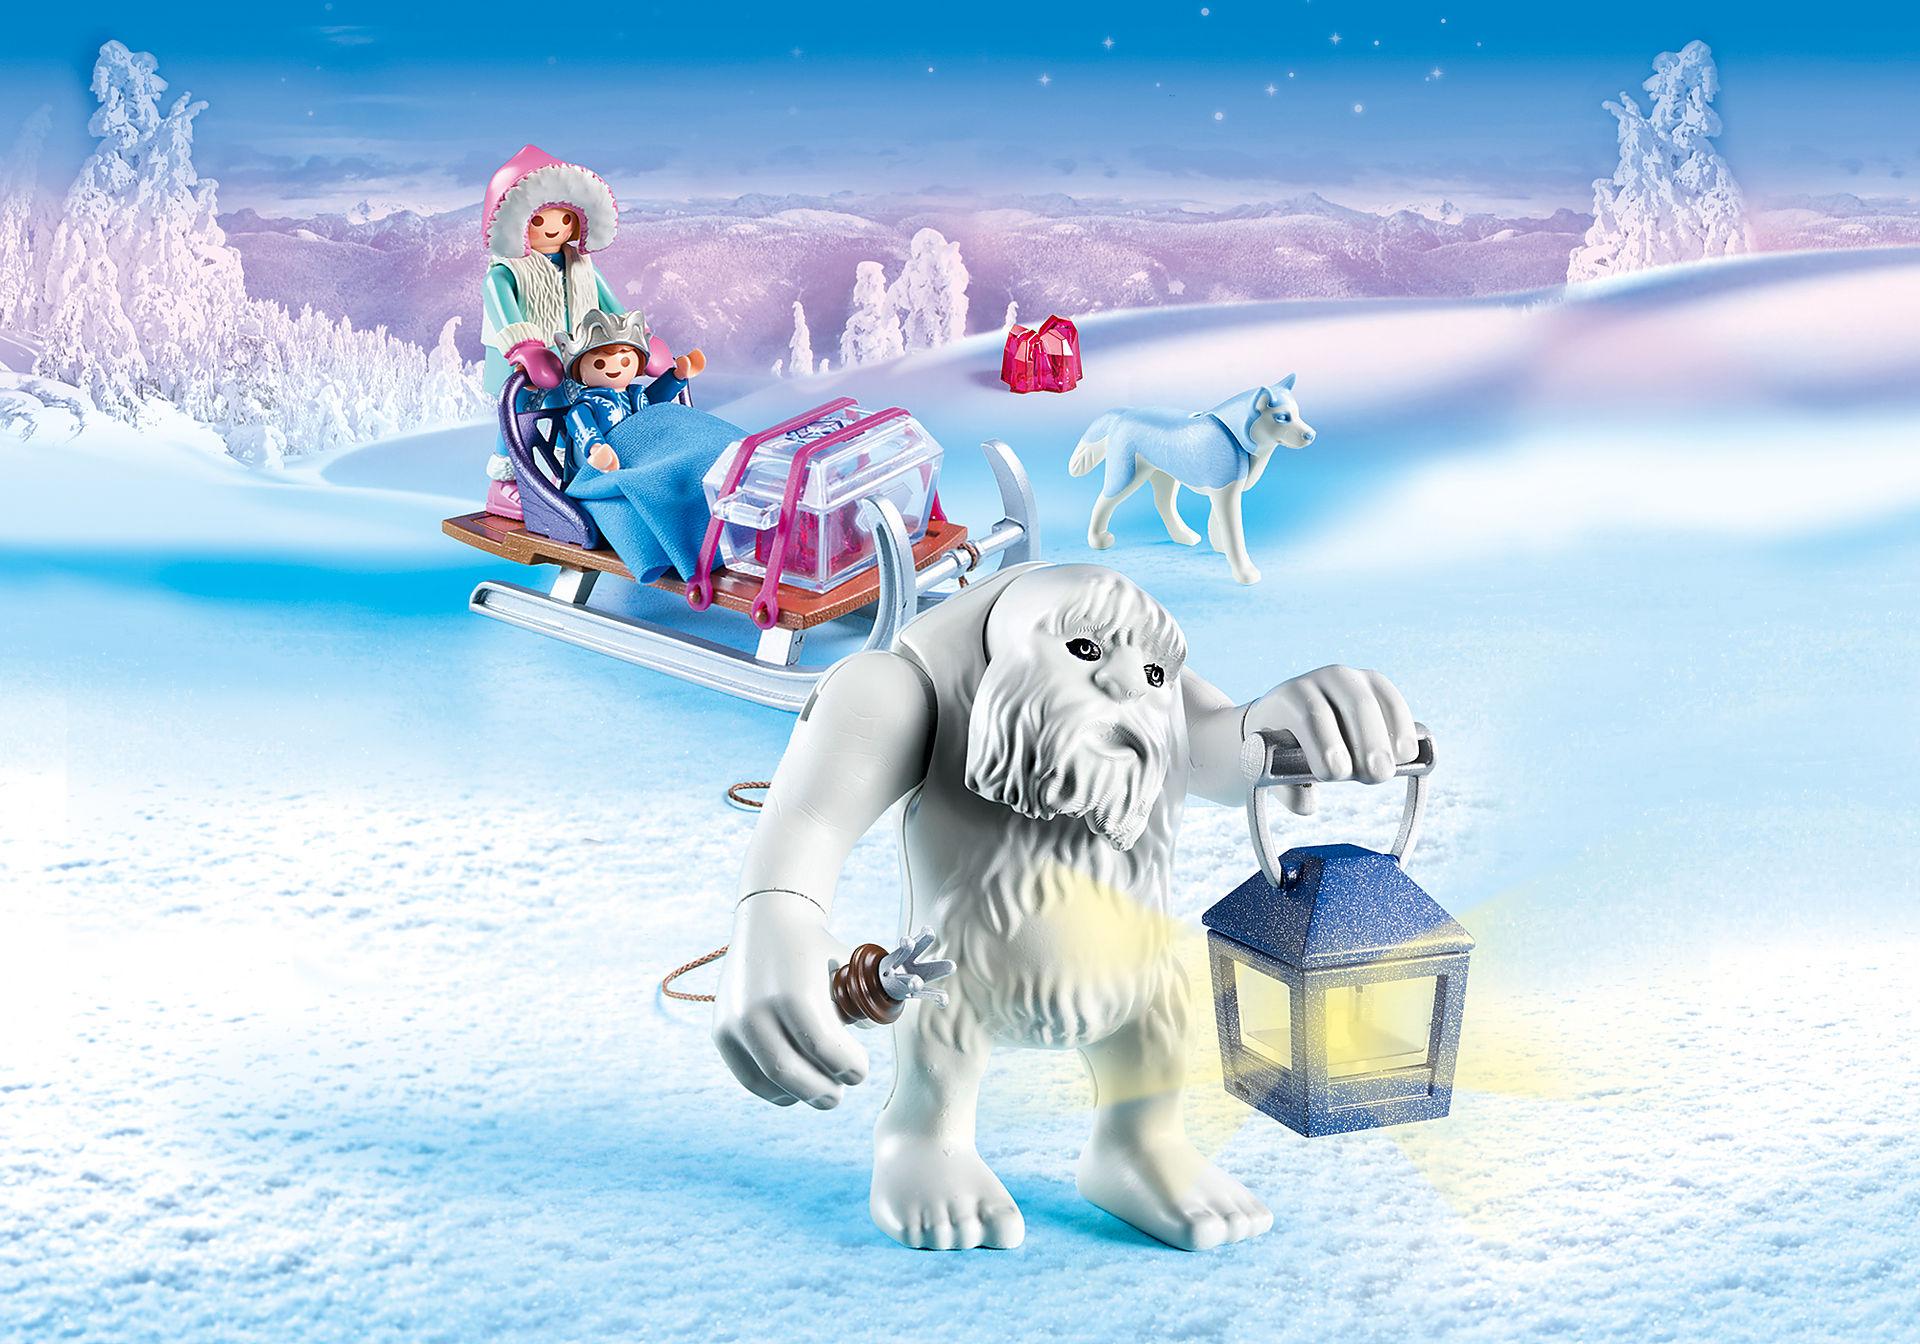 9473 Trol de Nieve con Trineo zoom image1